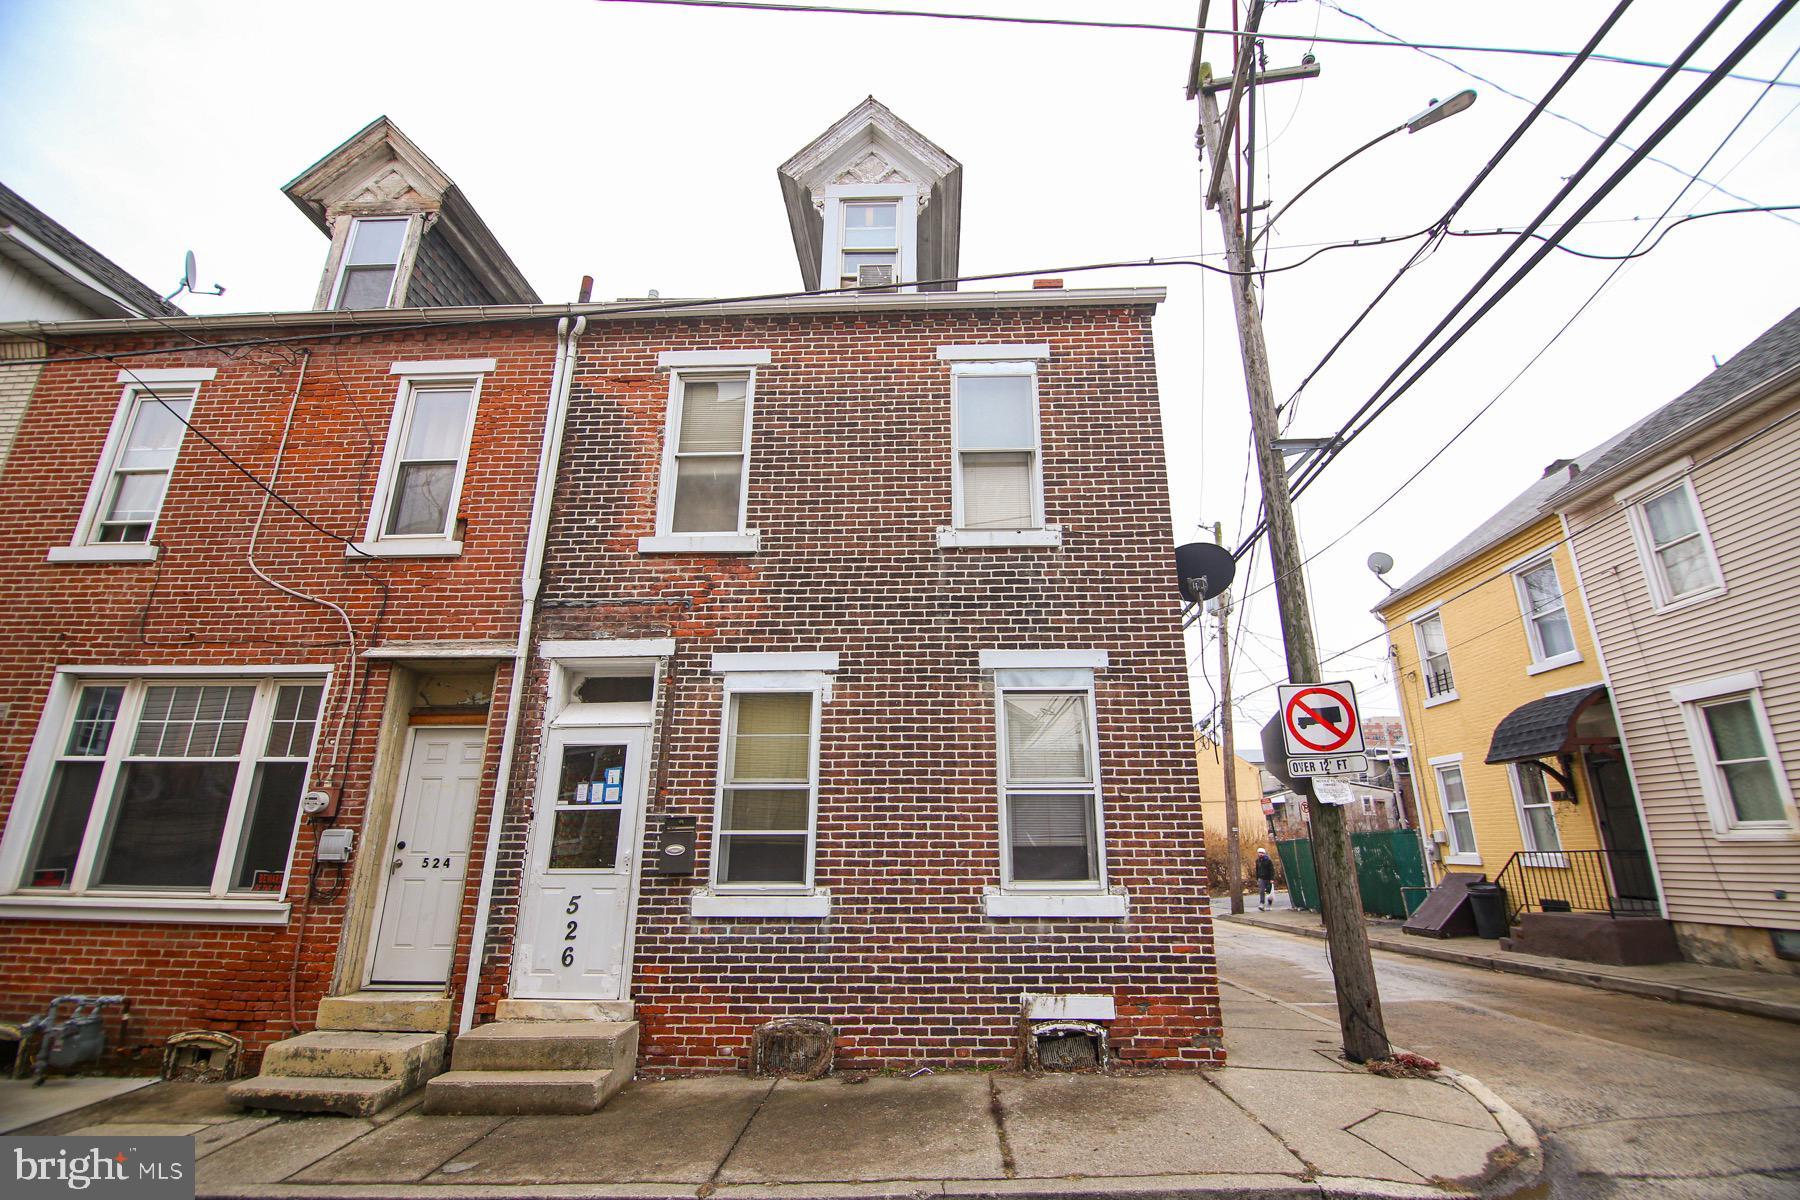 526 OAK STREET, ALLENTOWN, PA 18102